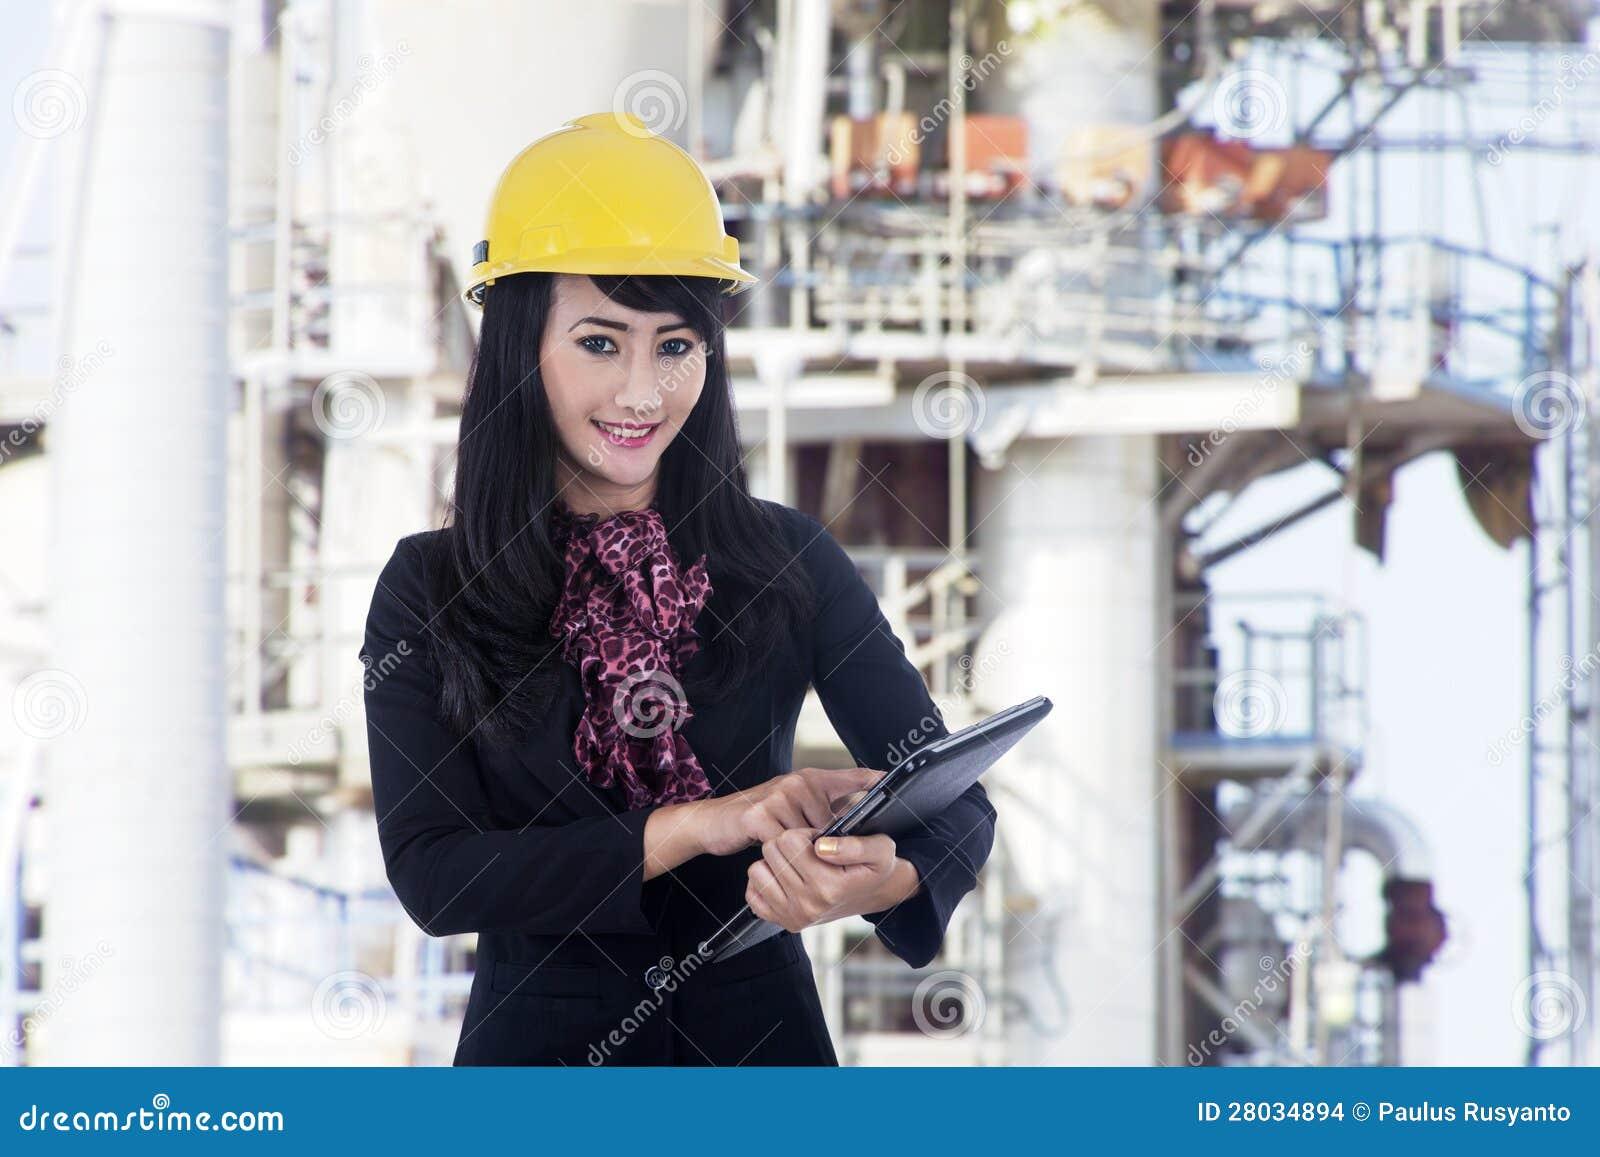 Femme d 39 architecte travaillant au chantier de construction for Chantier architecte